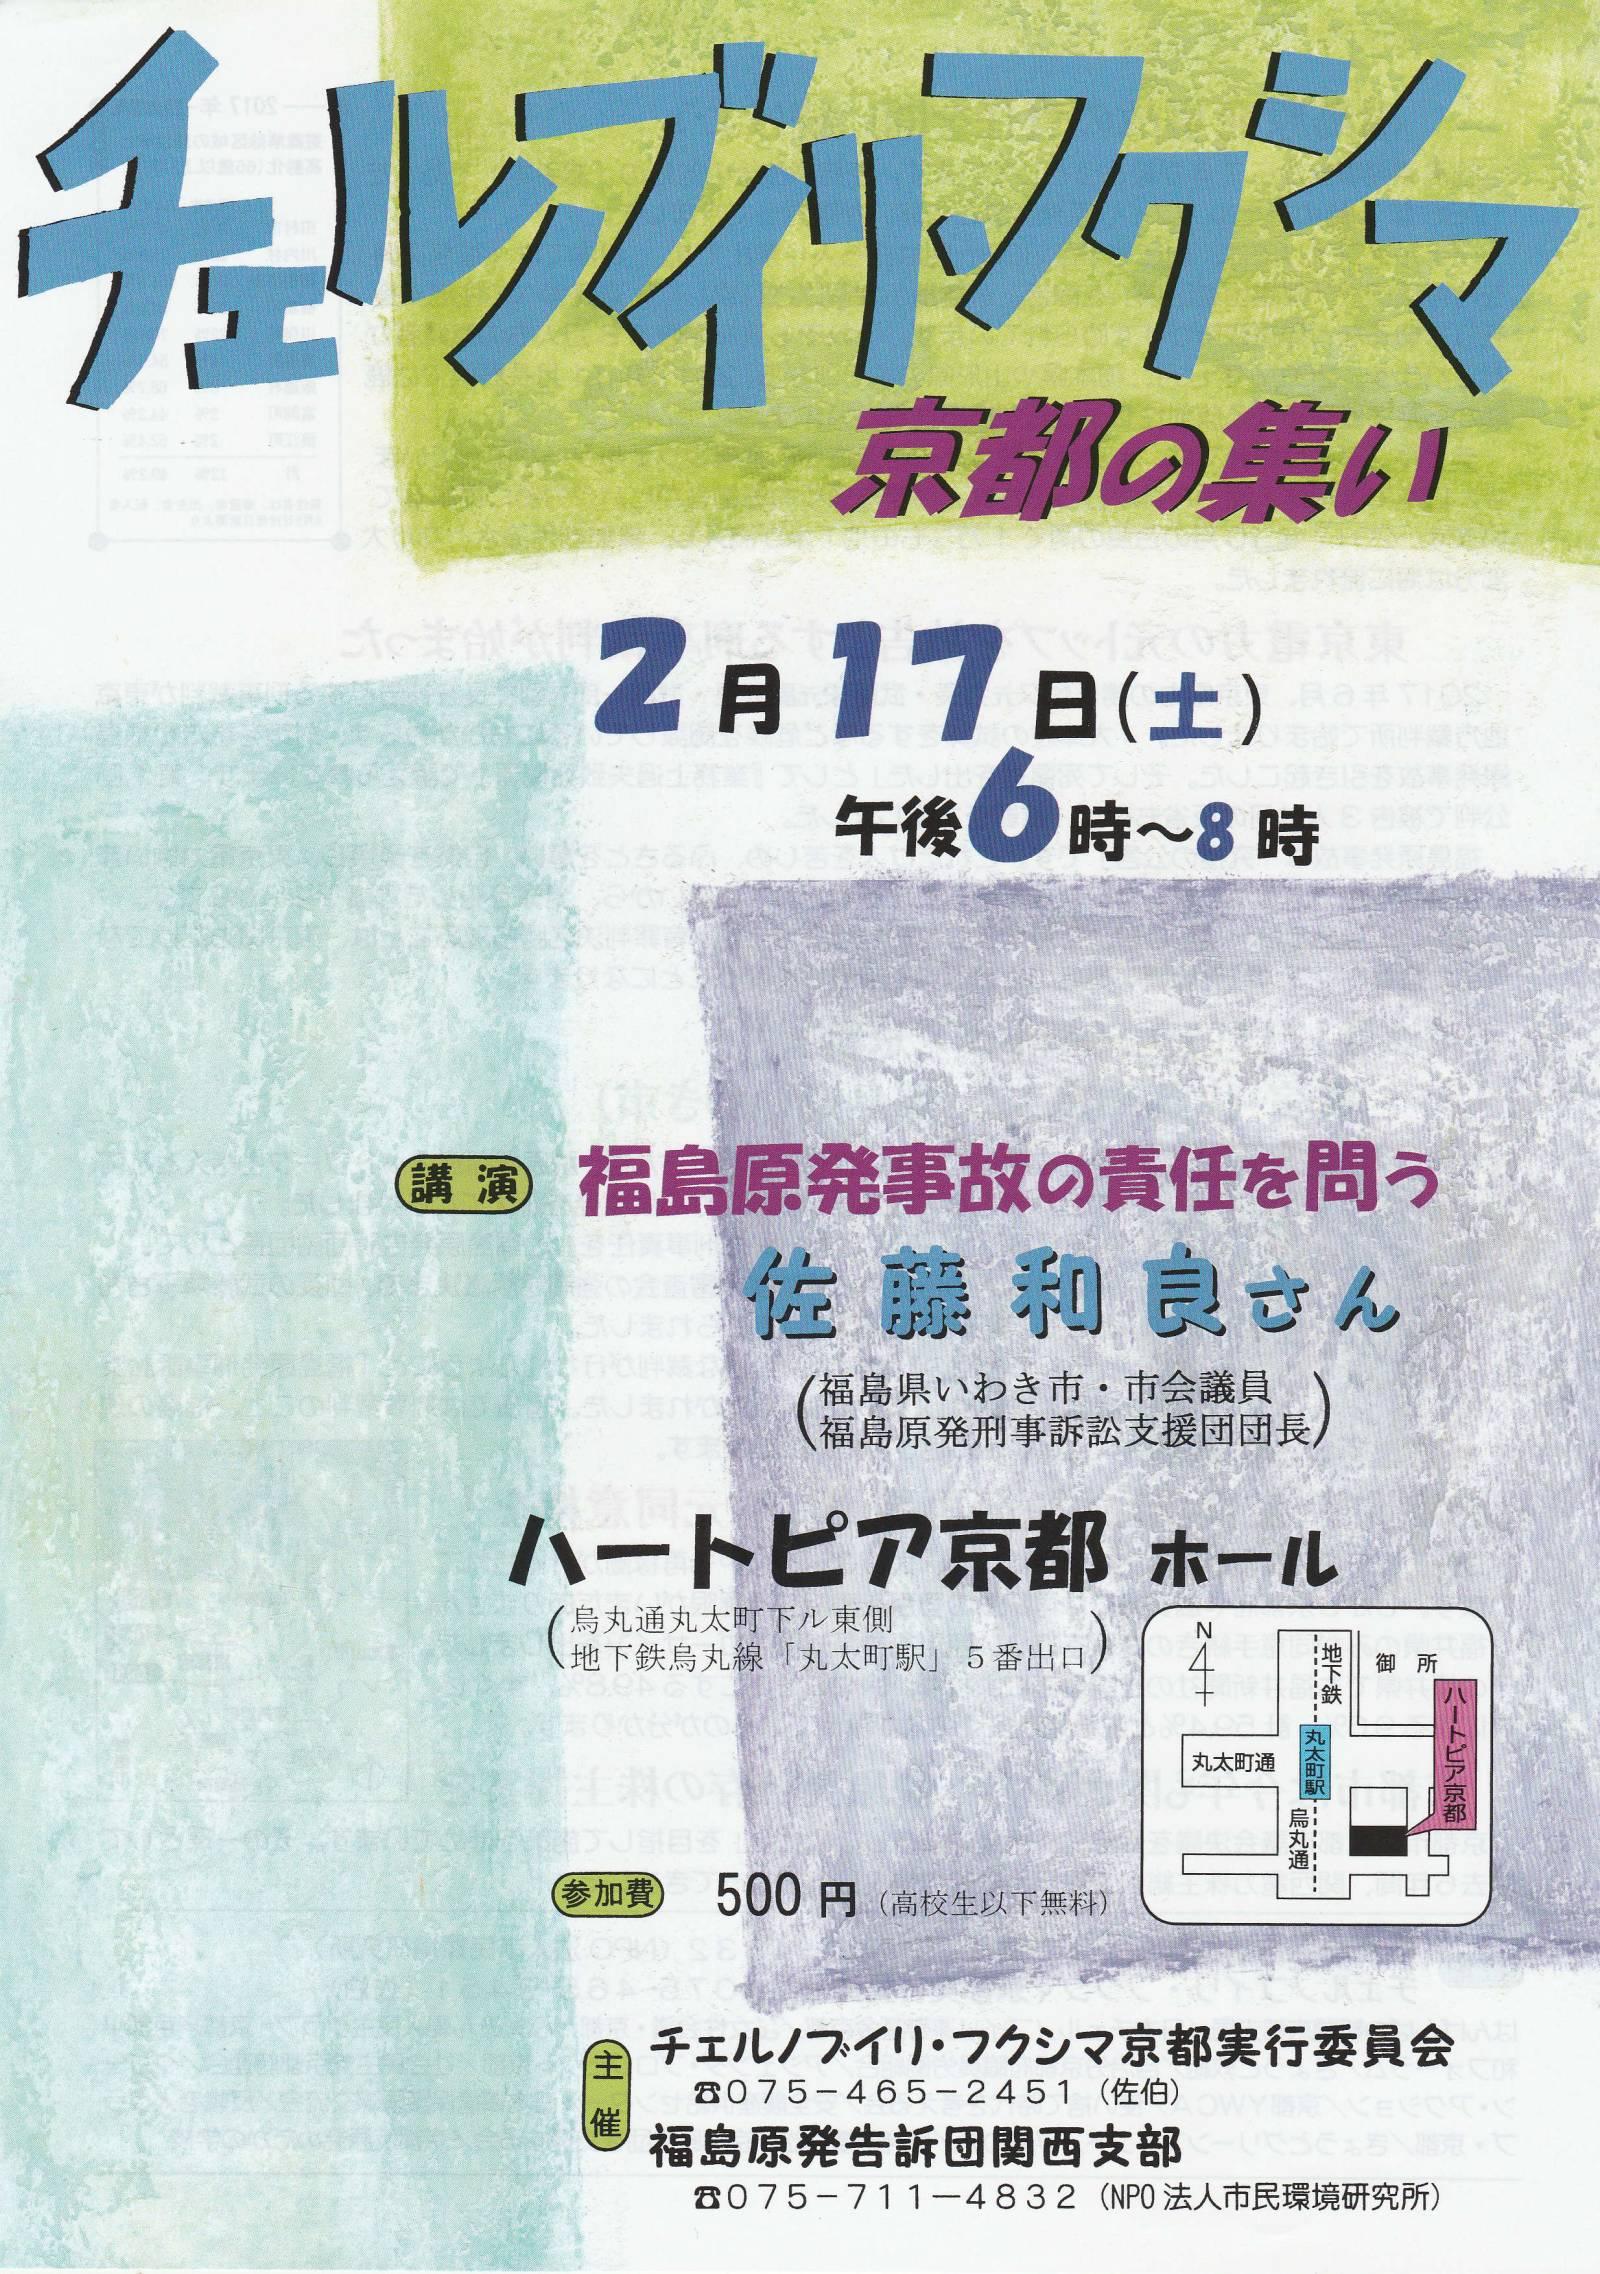 チェルノブイリ・フクシマ京都の集い